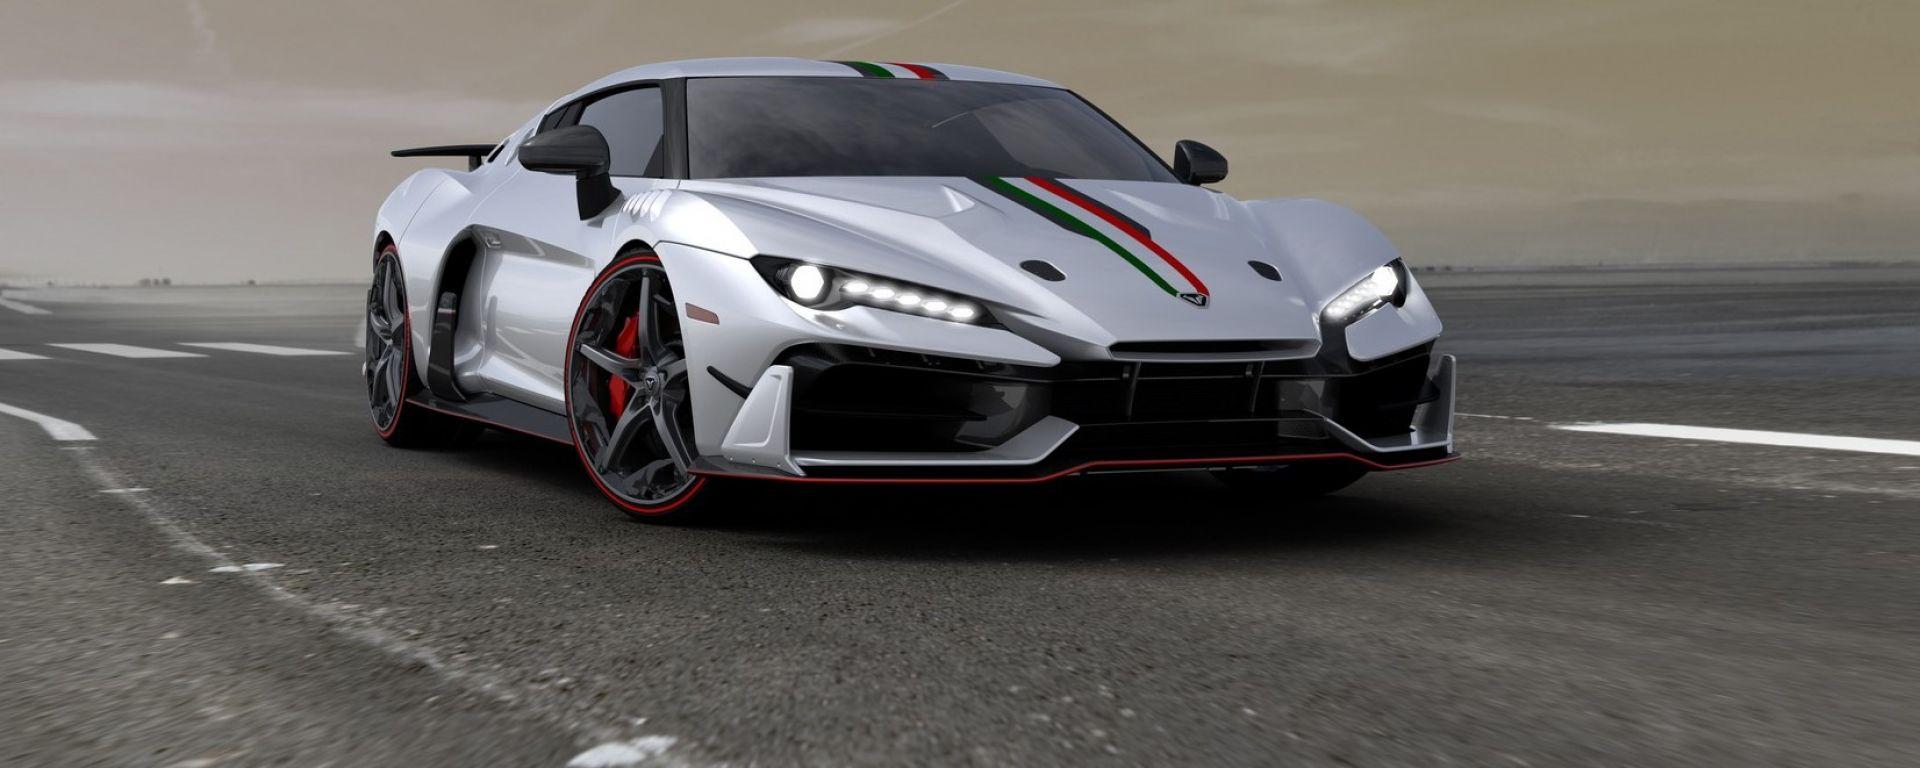 Italdesign Automobili Speciali: la supercar che verrà presentata al salone di Ginevra 2017